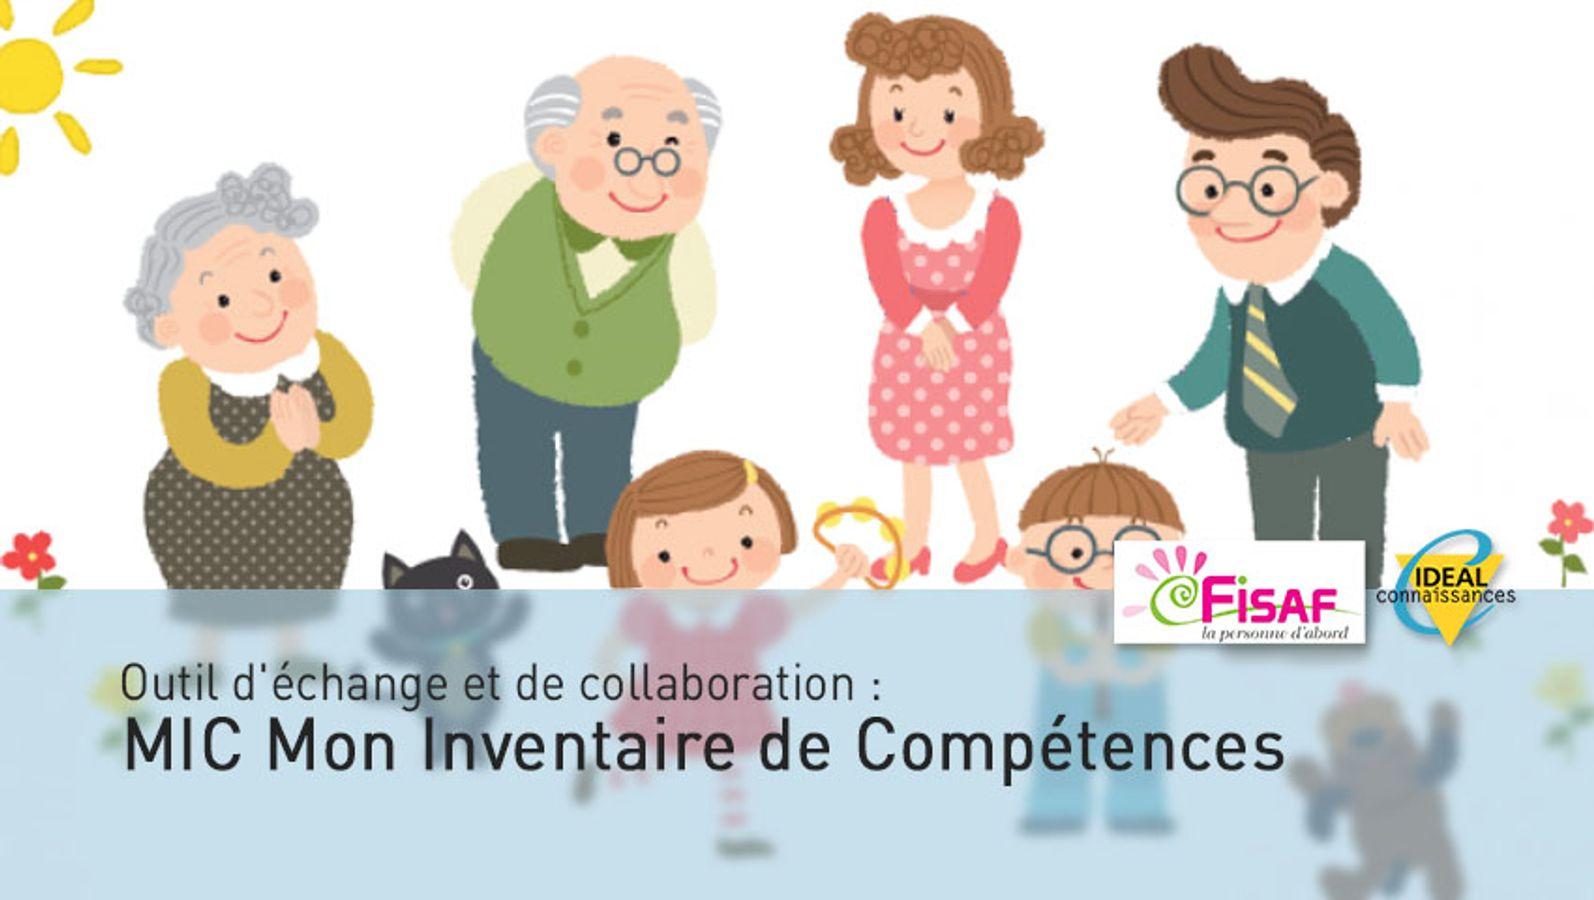 Outil d'échange et de collaboration :  MIC (Mon Inventaire de Compétences) par Régine GANOT & Maurice BECCARI